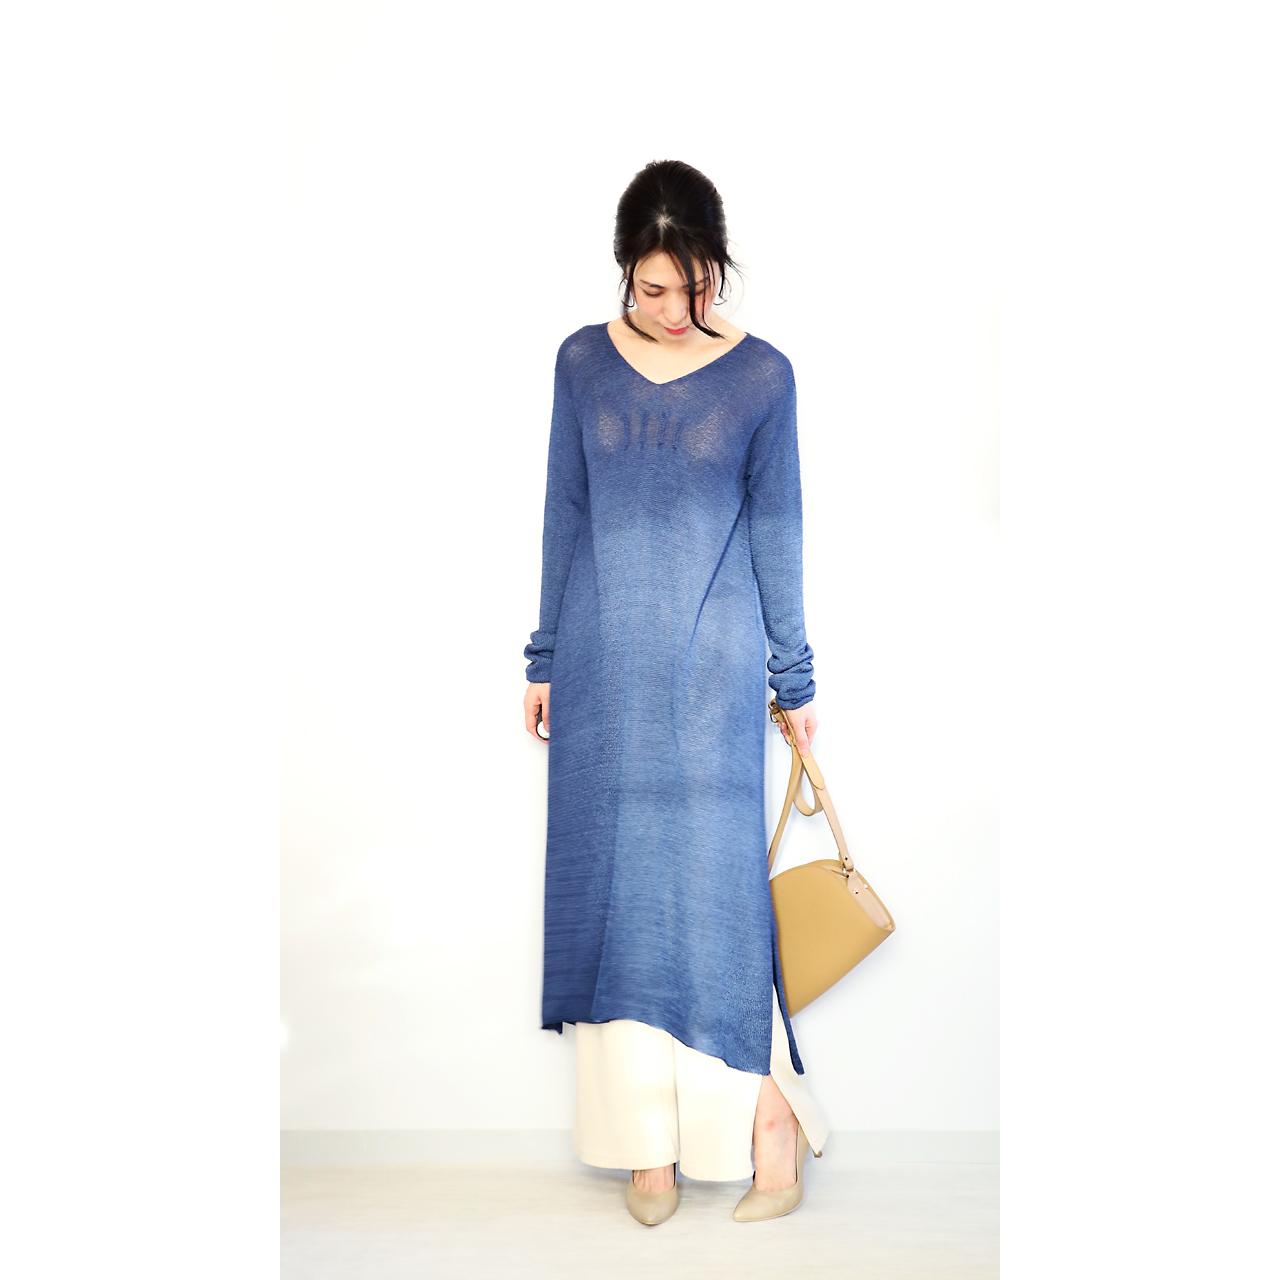 Celaeno[ケラエノ] タック・ワンピース / ナイト・ブルー